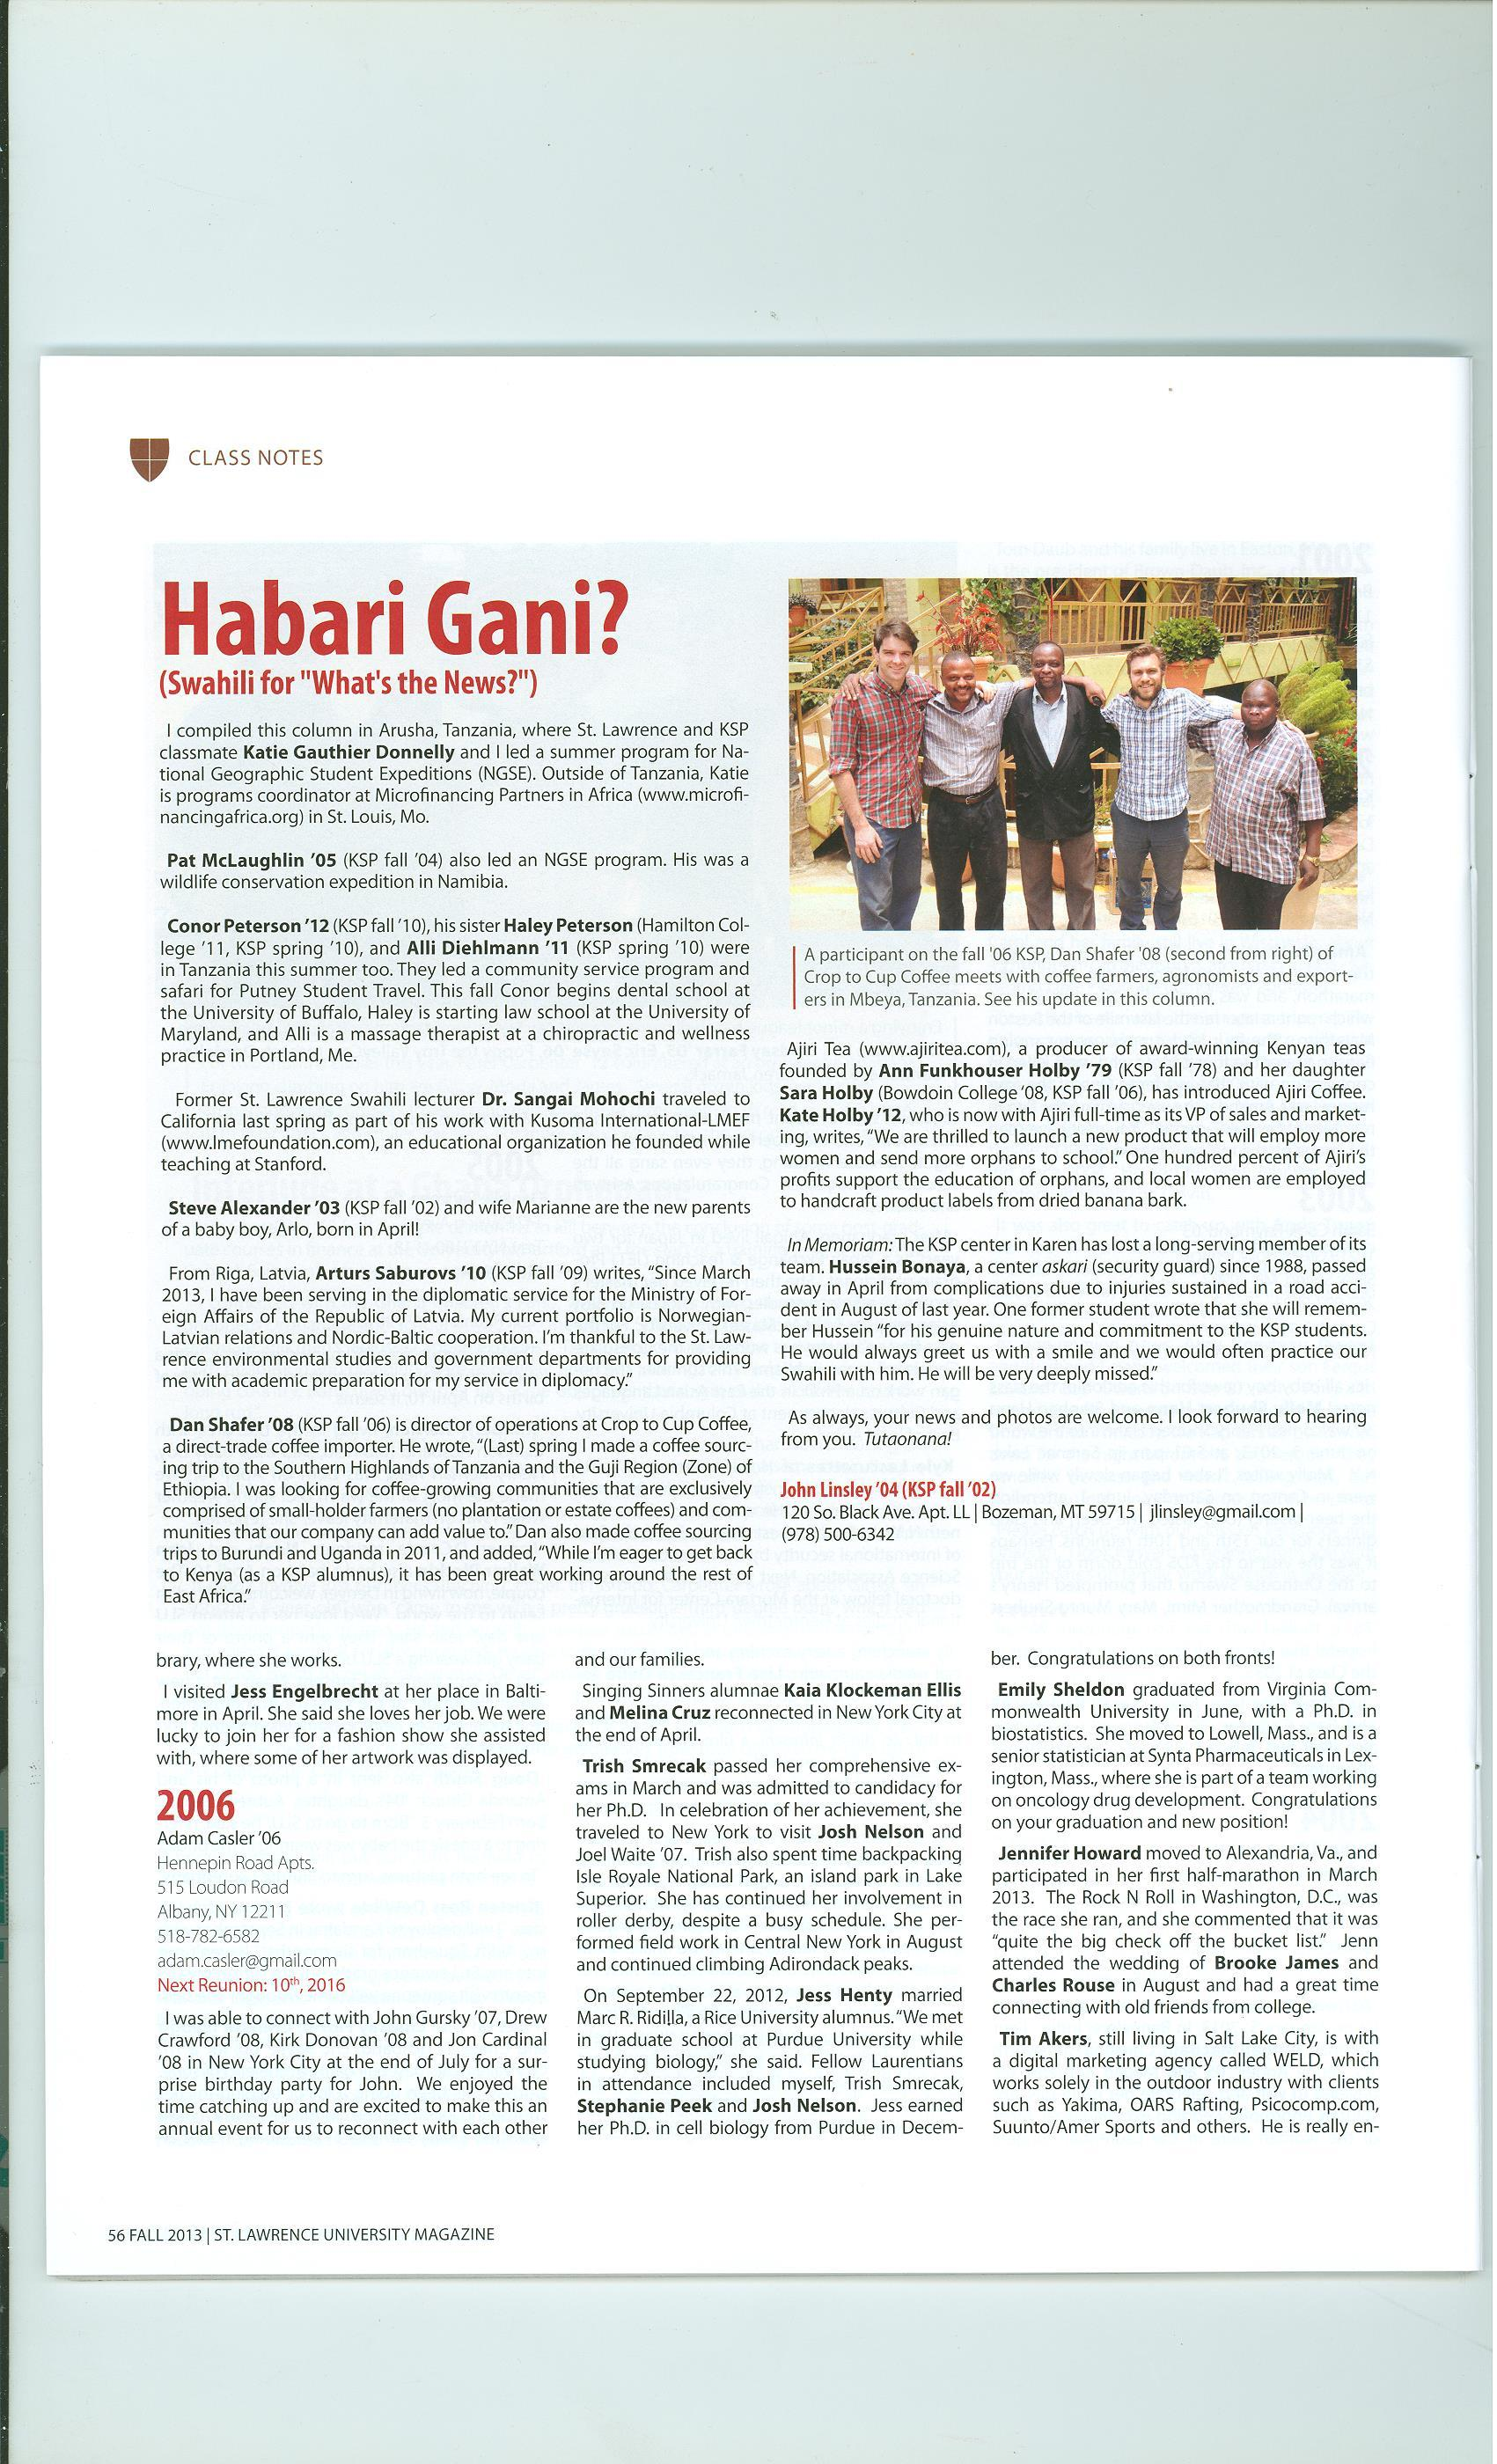 Habari Gani Fall 2013 | Engaging Africa